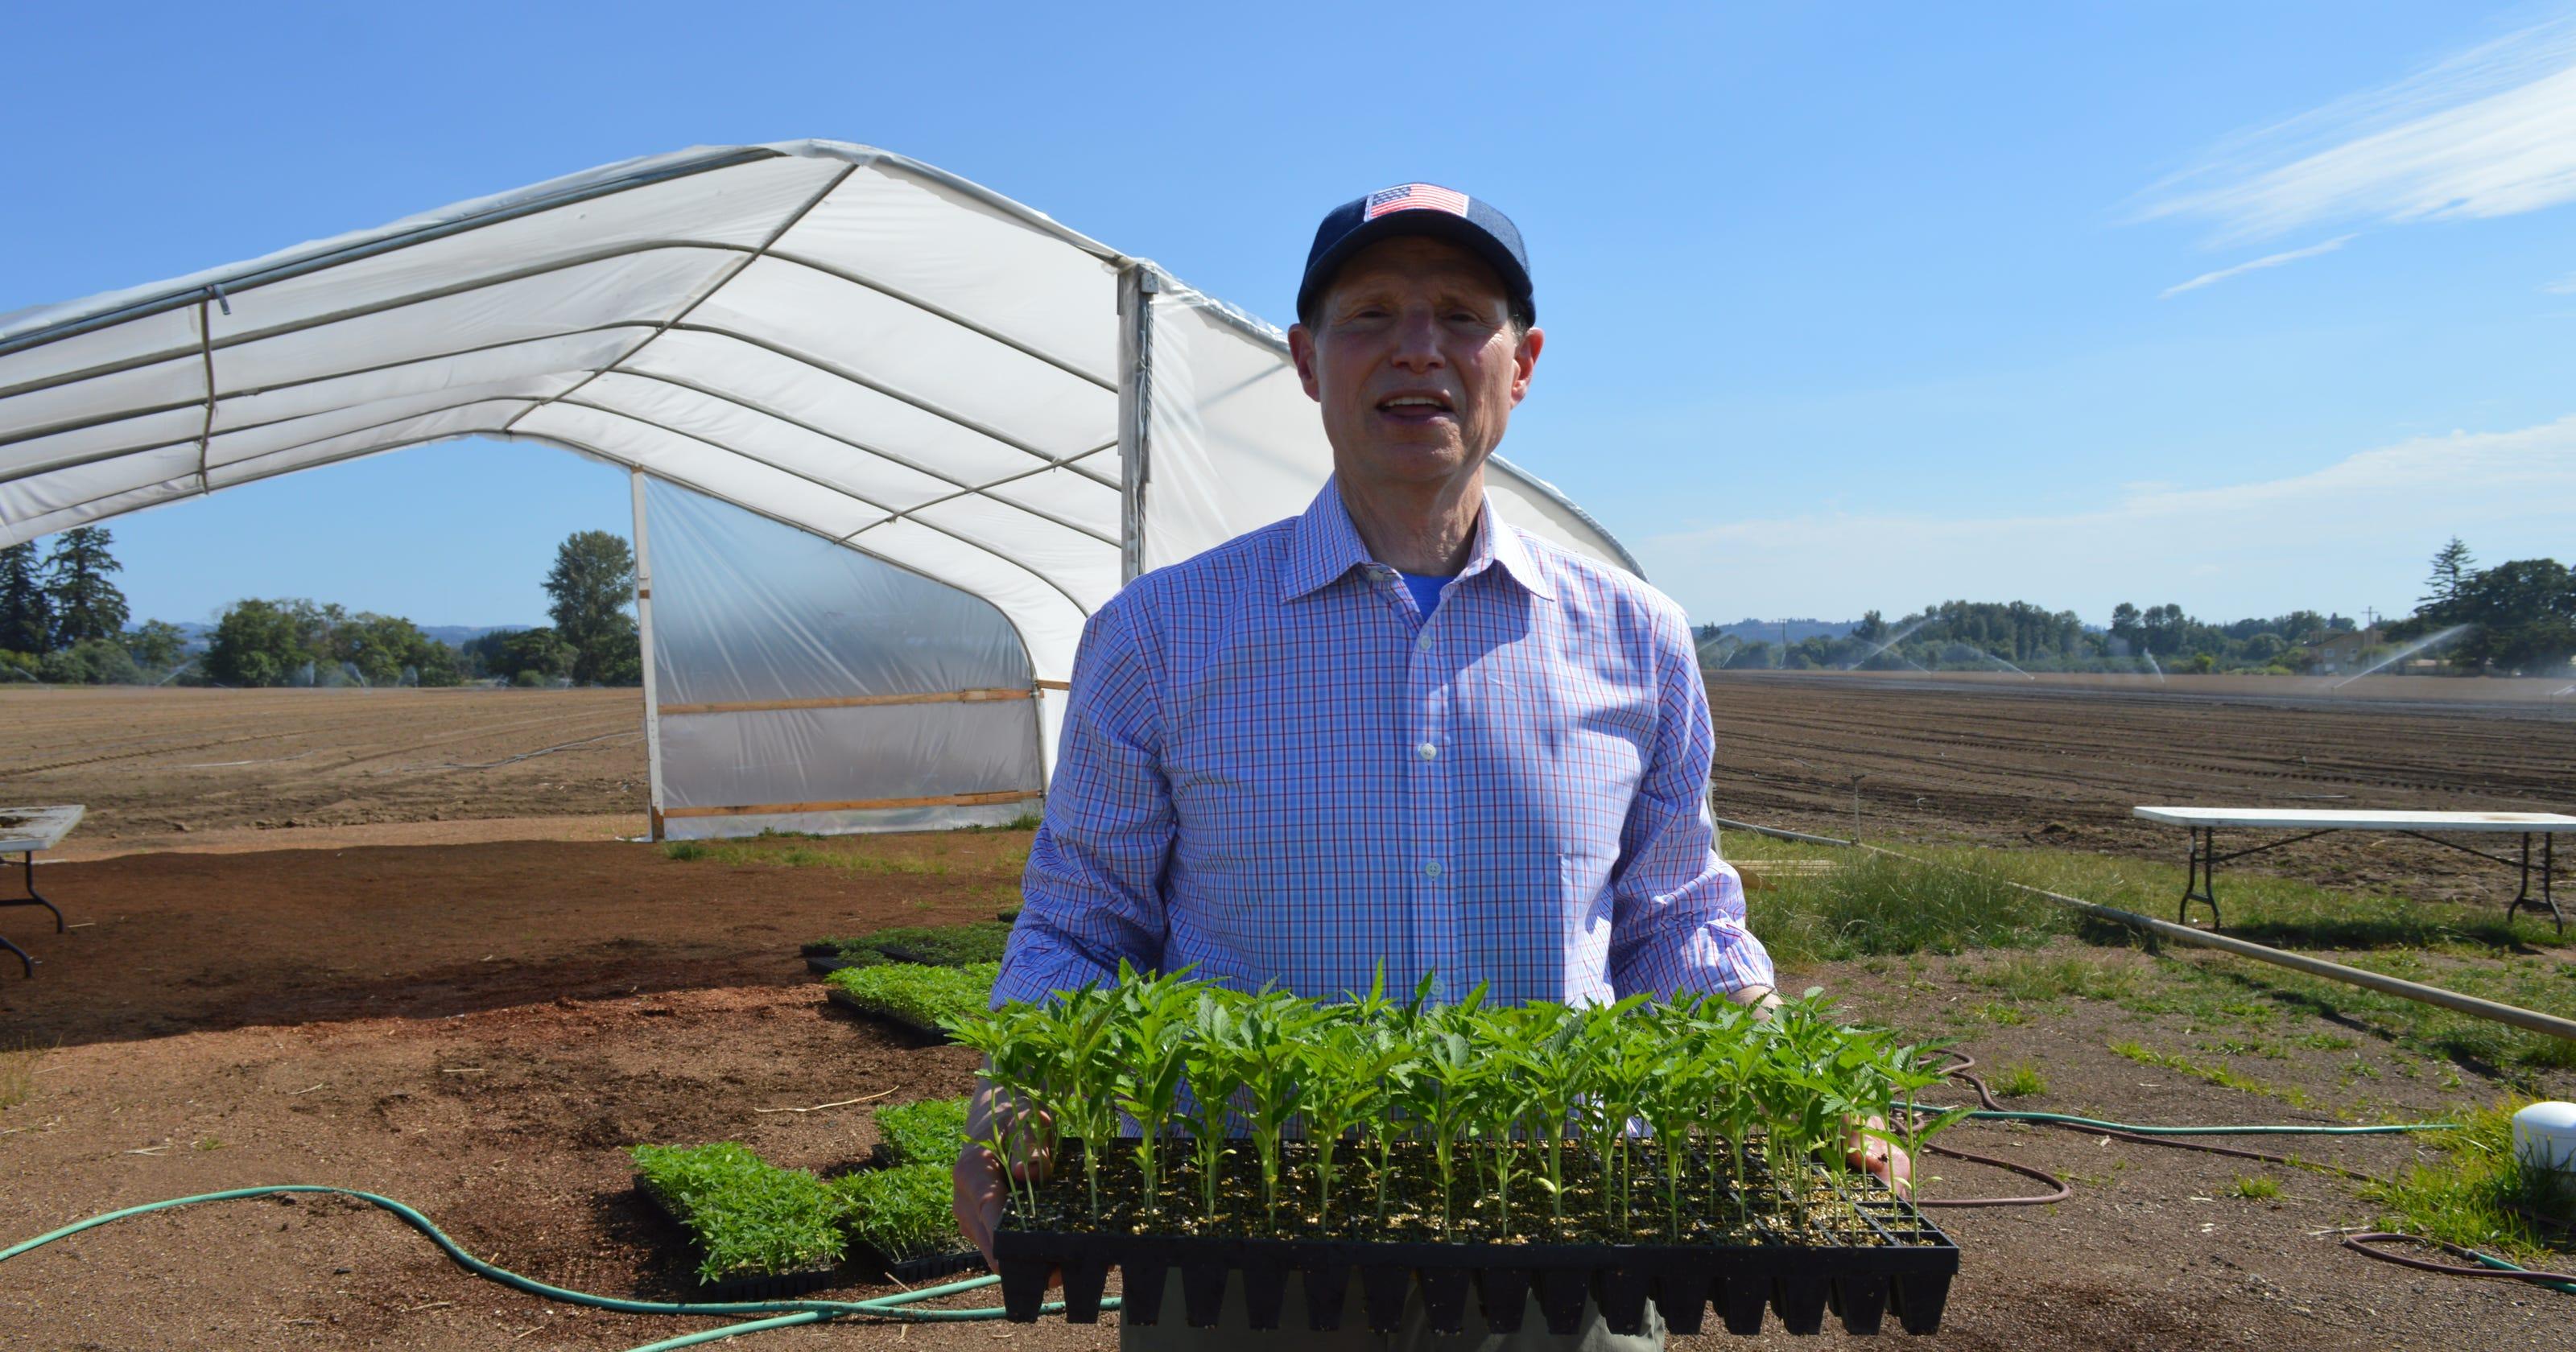 United States farm bill latest news   News   Video   EBL News